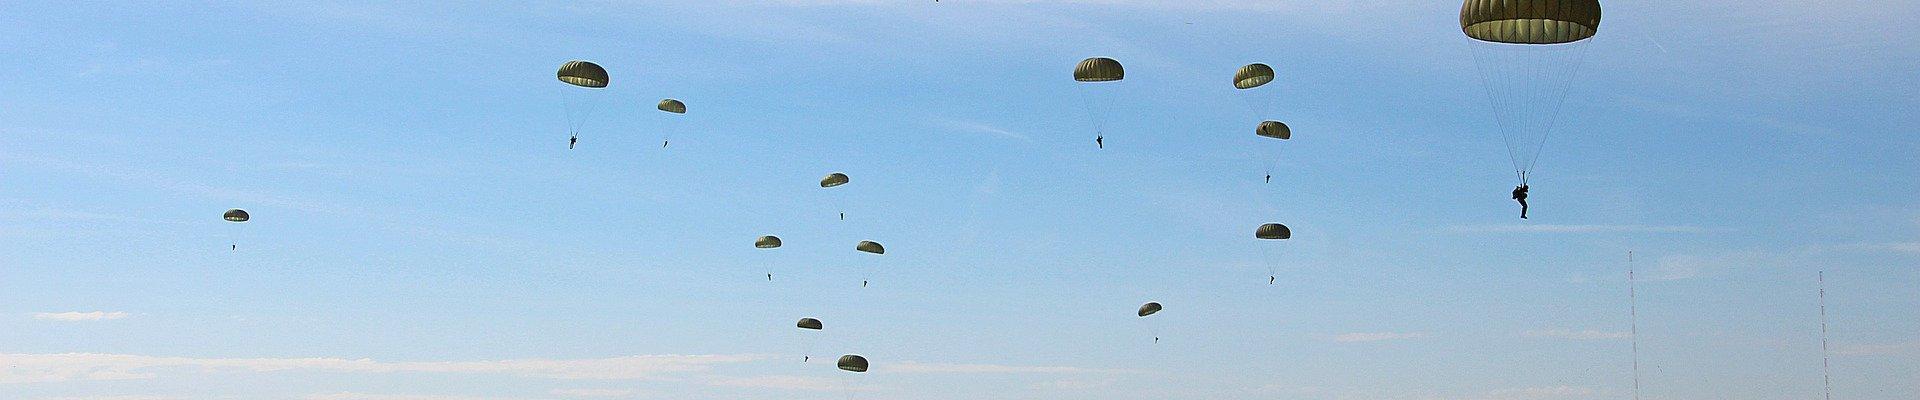 Bundesheer Fallschirm Versicherung BestensVersichert.at